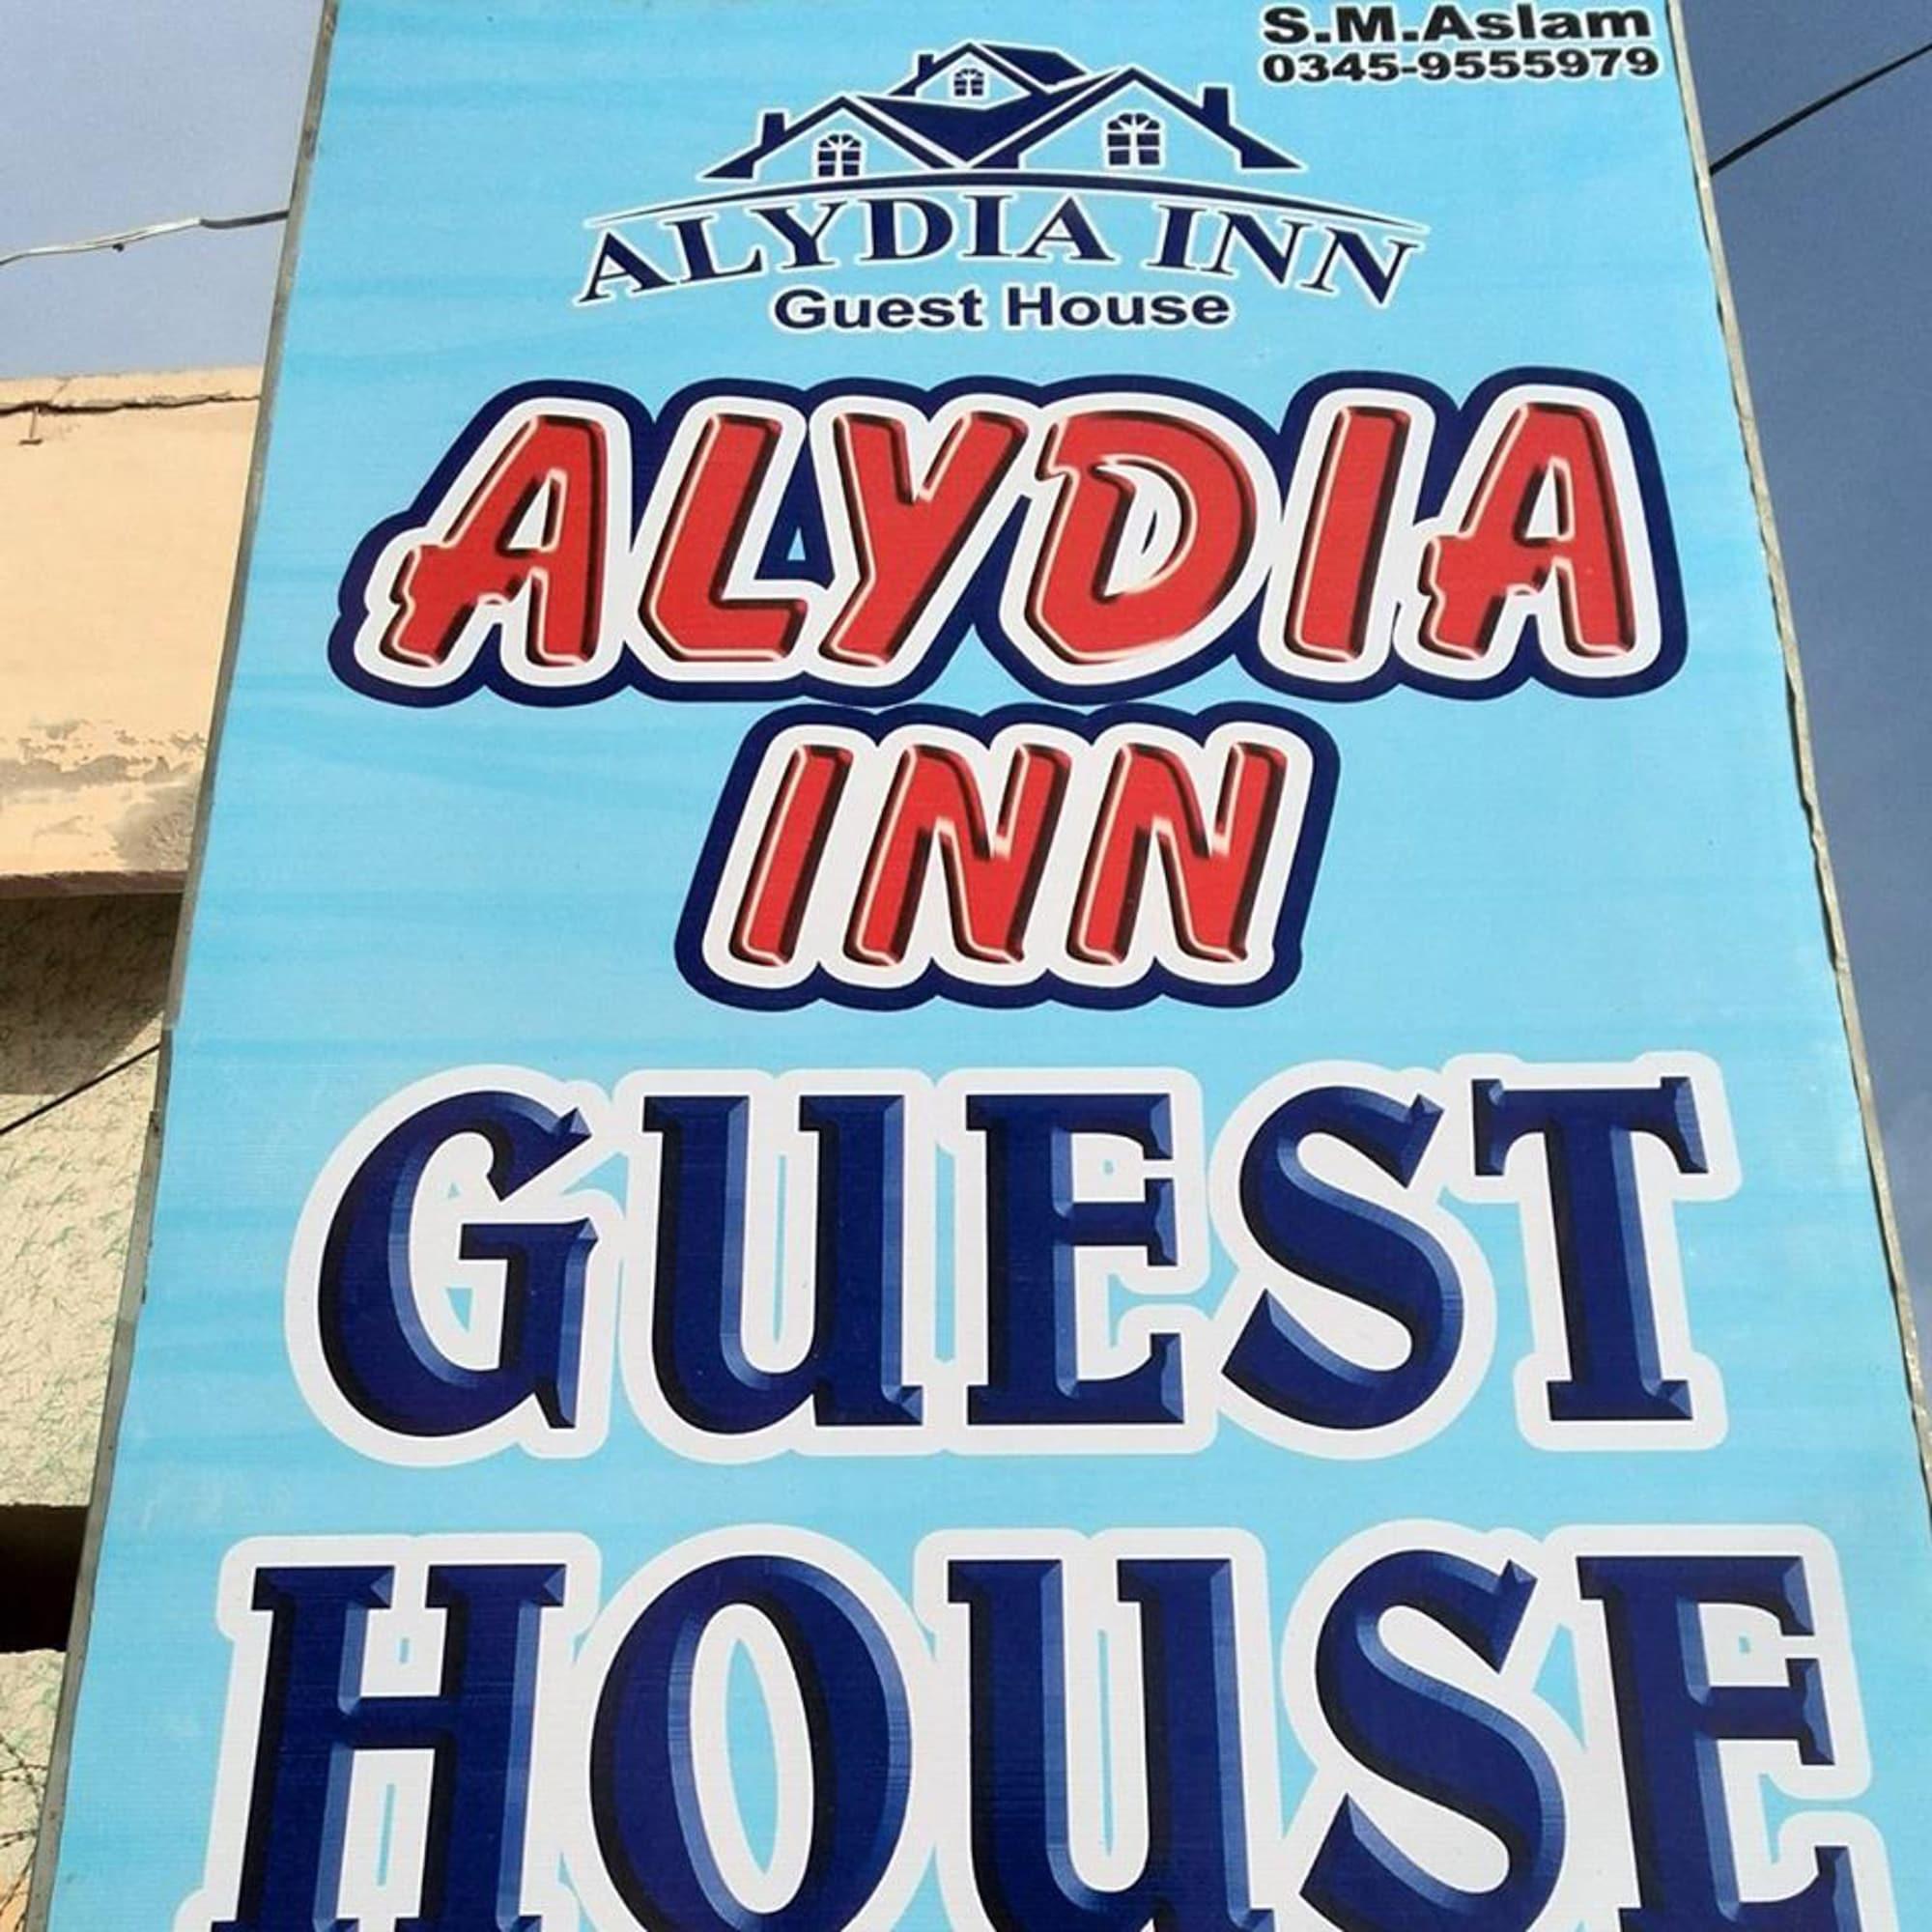 Alydia Inn Guest House, Sukkur